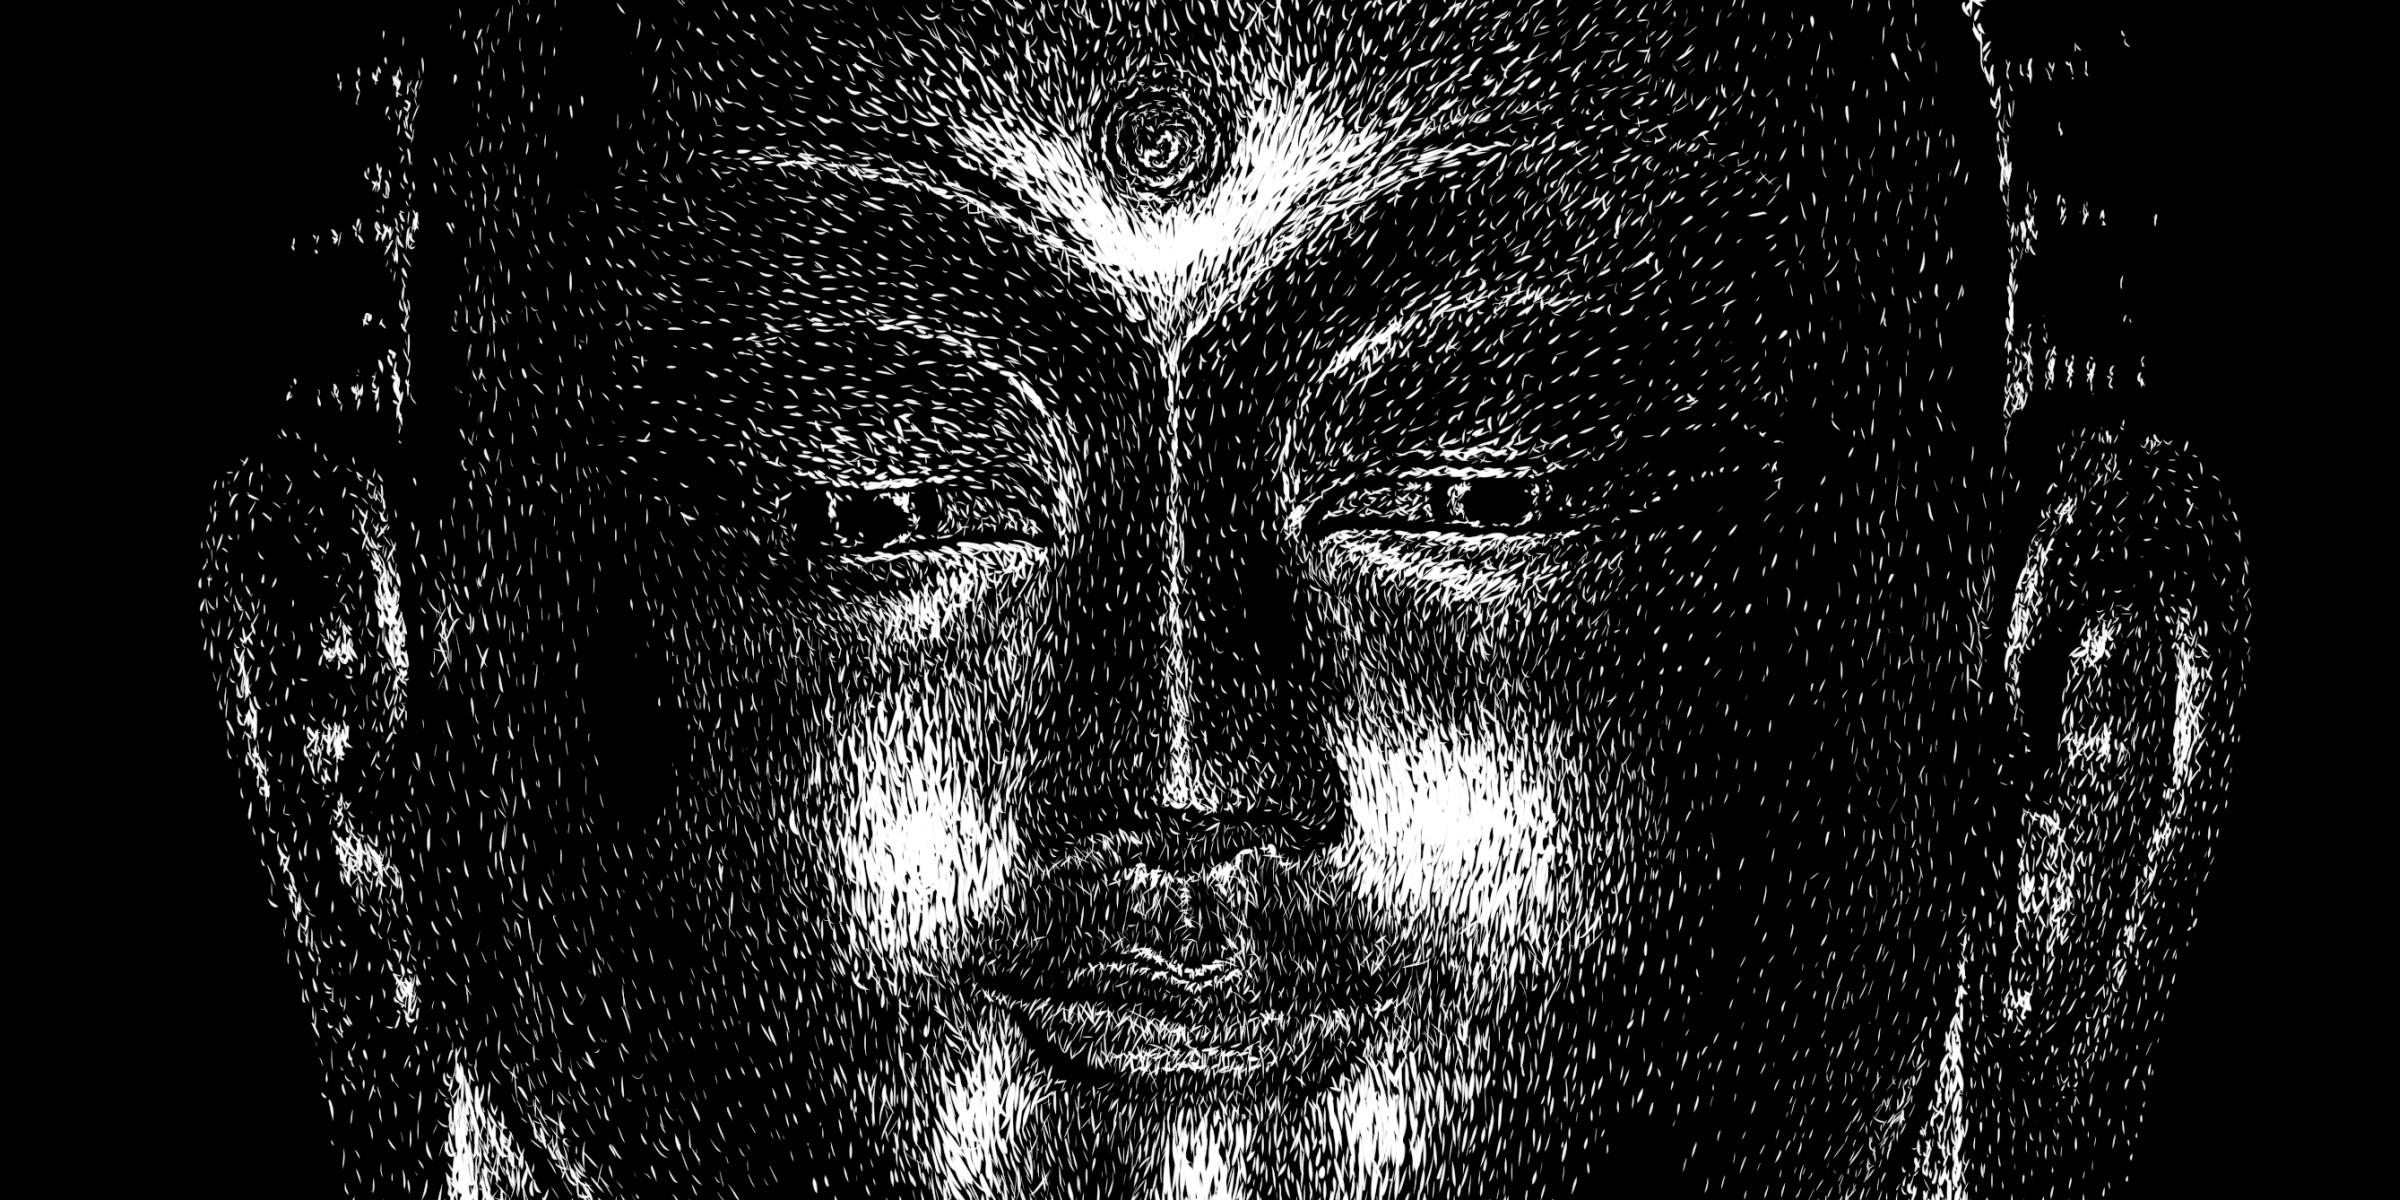 Buddha, face close-up Digital scratchboard, june 2019